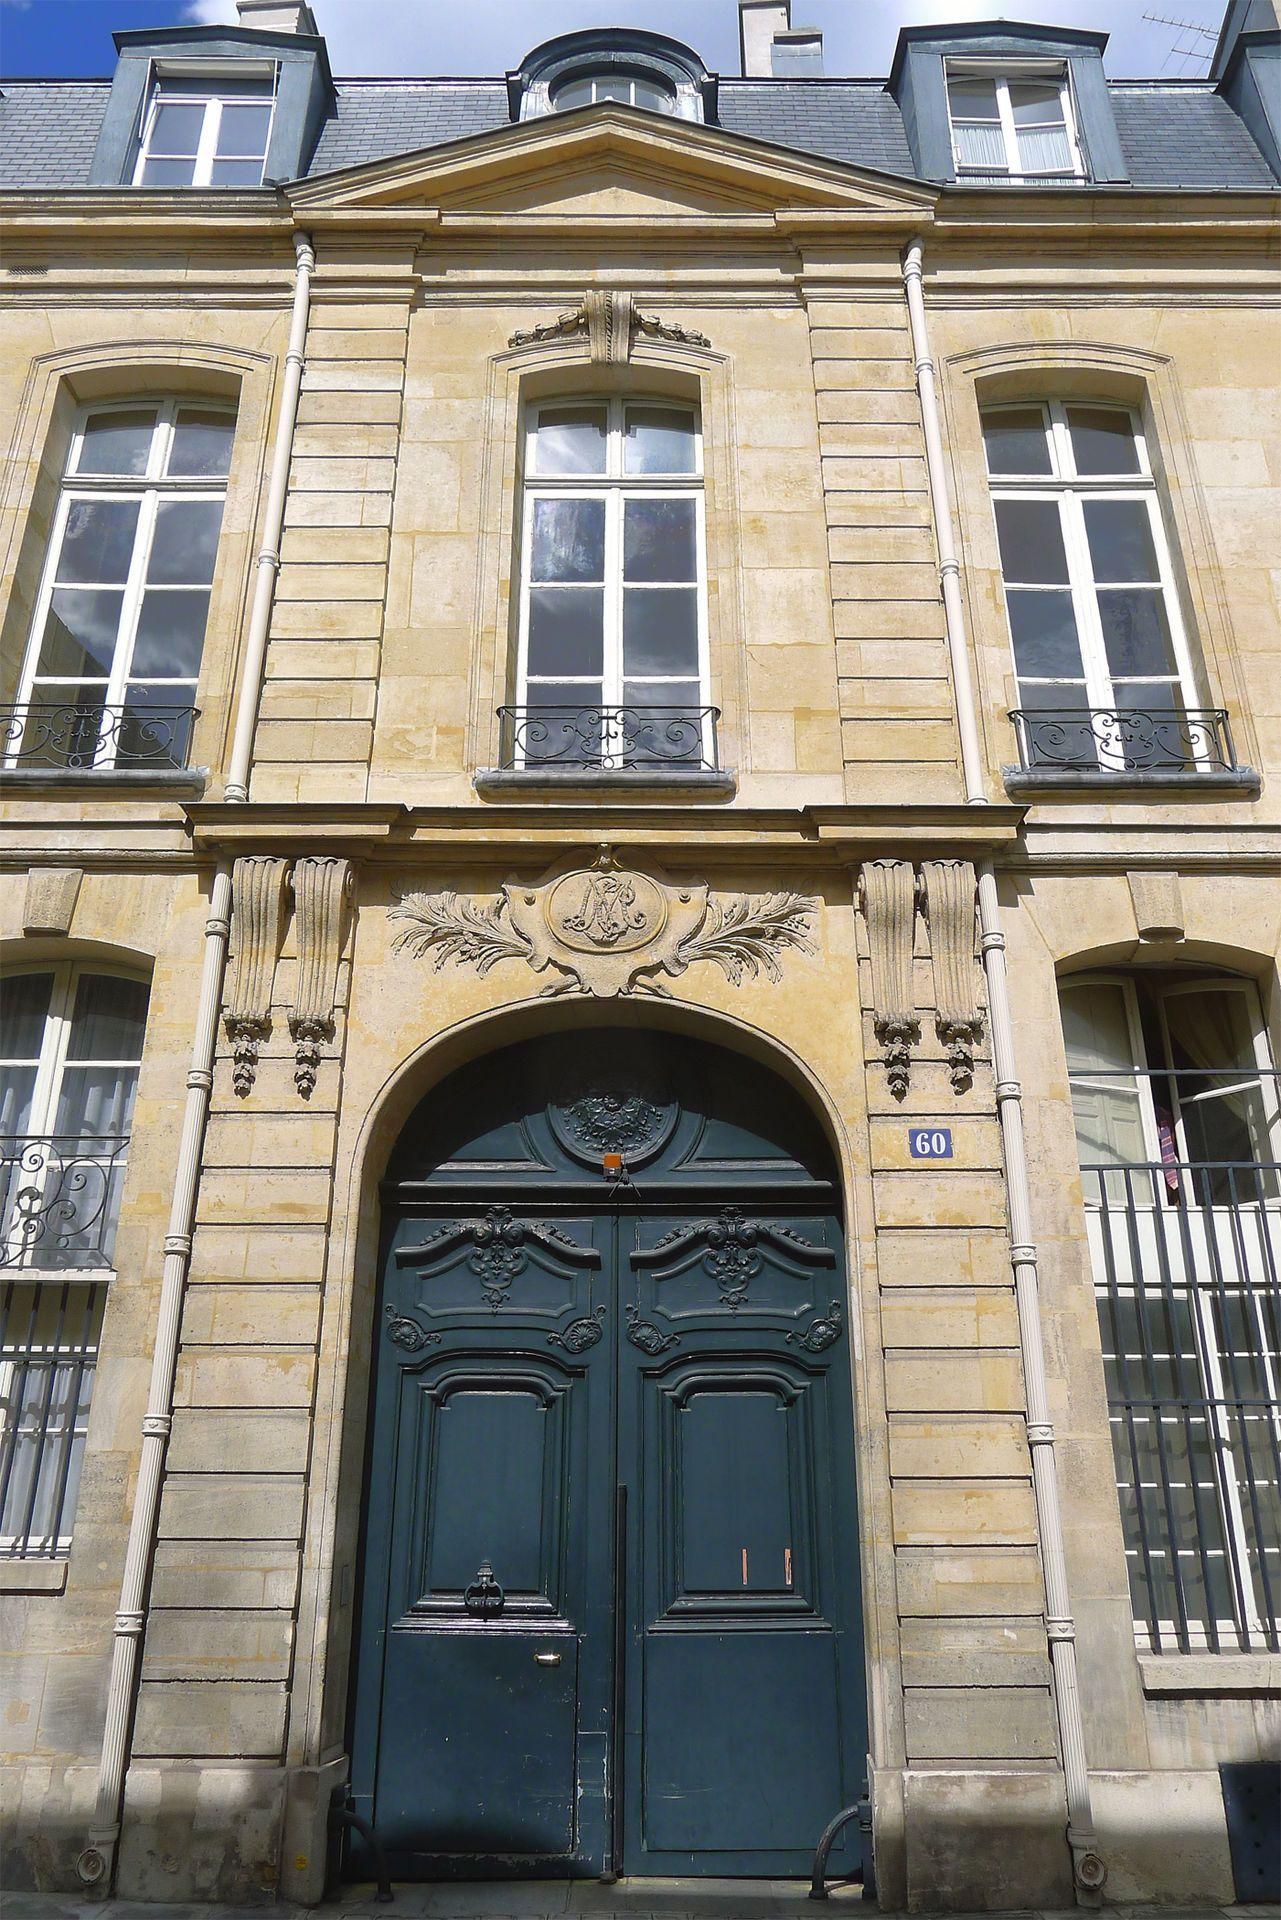 Hôtel Duprat - 60 Rue de Varenne, Paris 7e